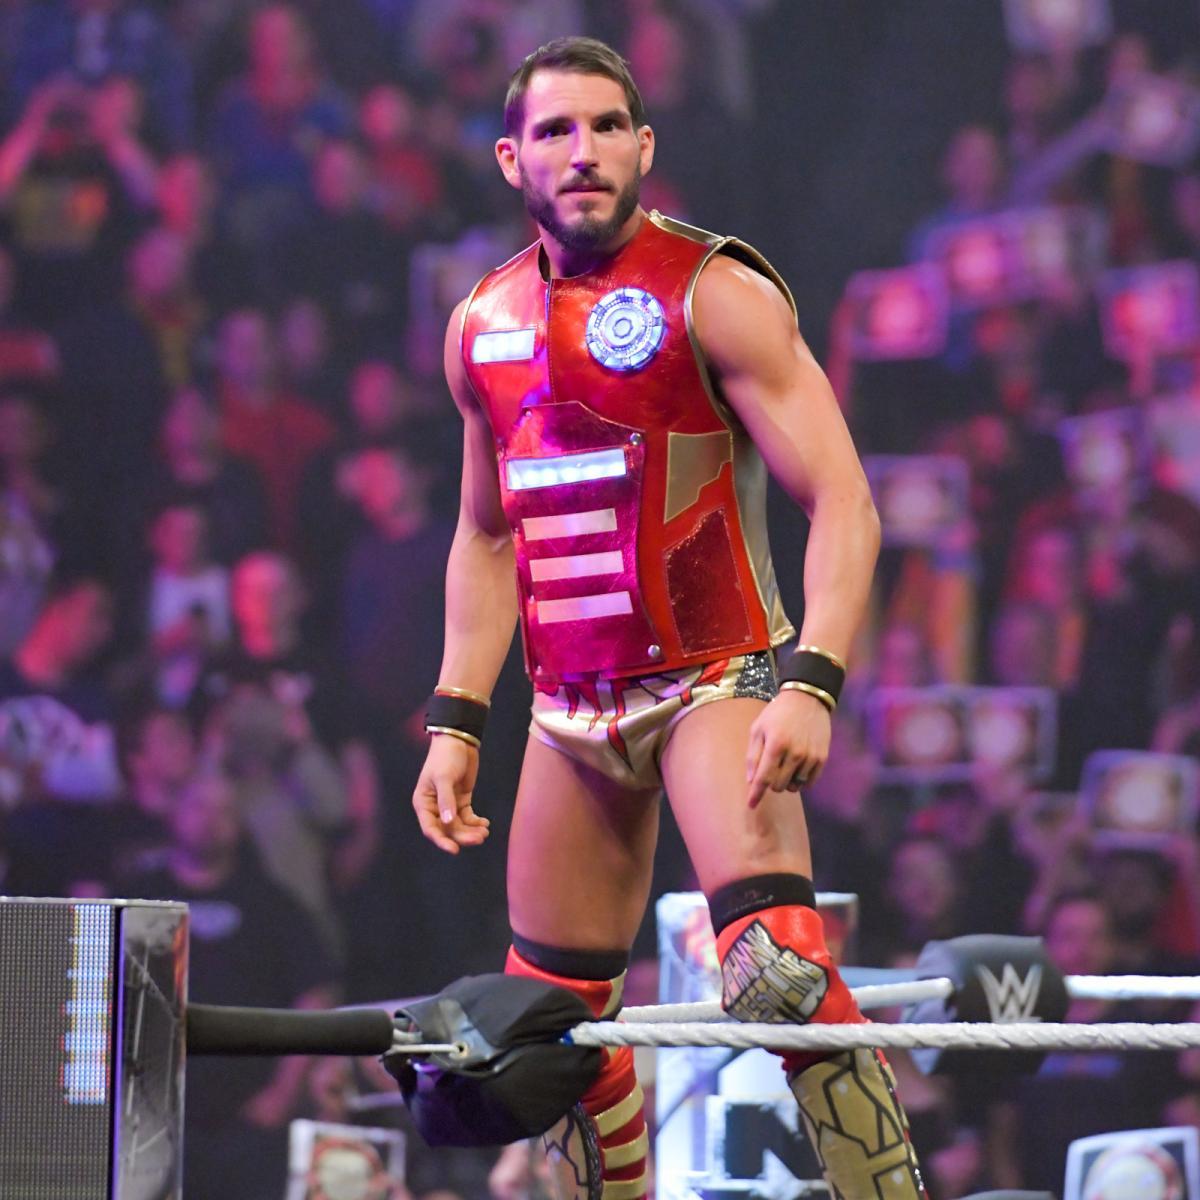 b2d39d433 WWE's Johnny Gargano reviews Marvel's 'Avengers: Endgame' | SI.com